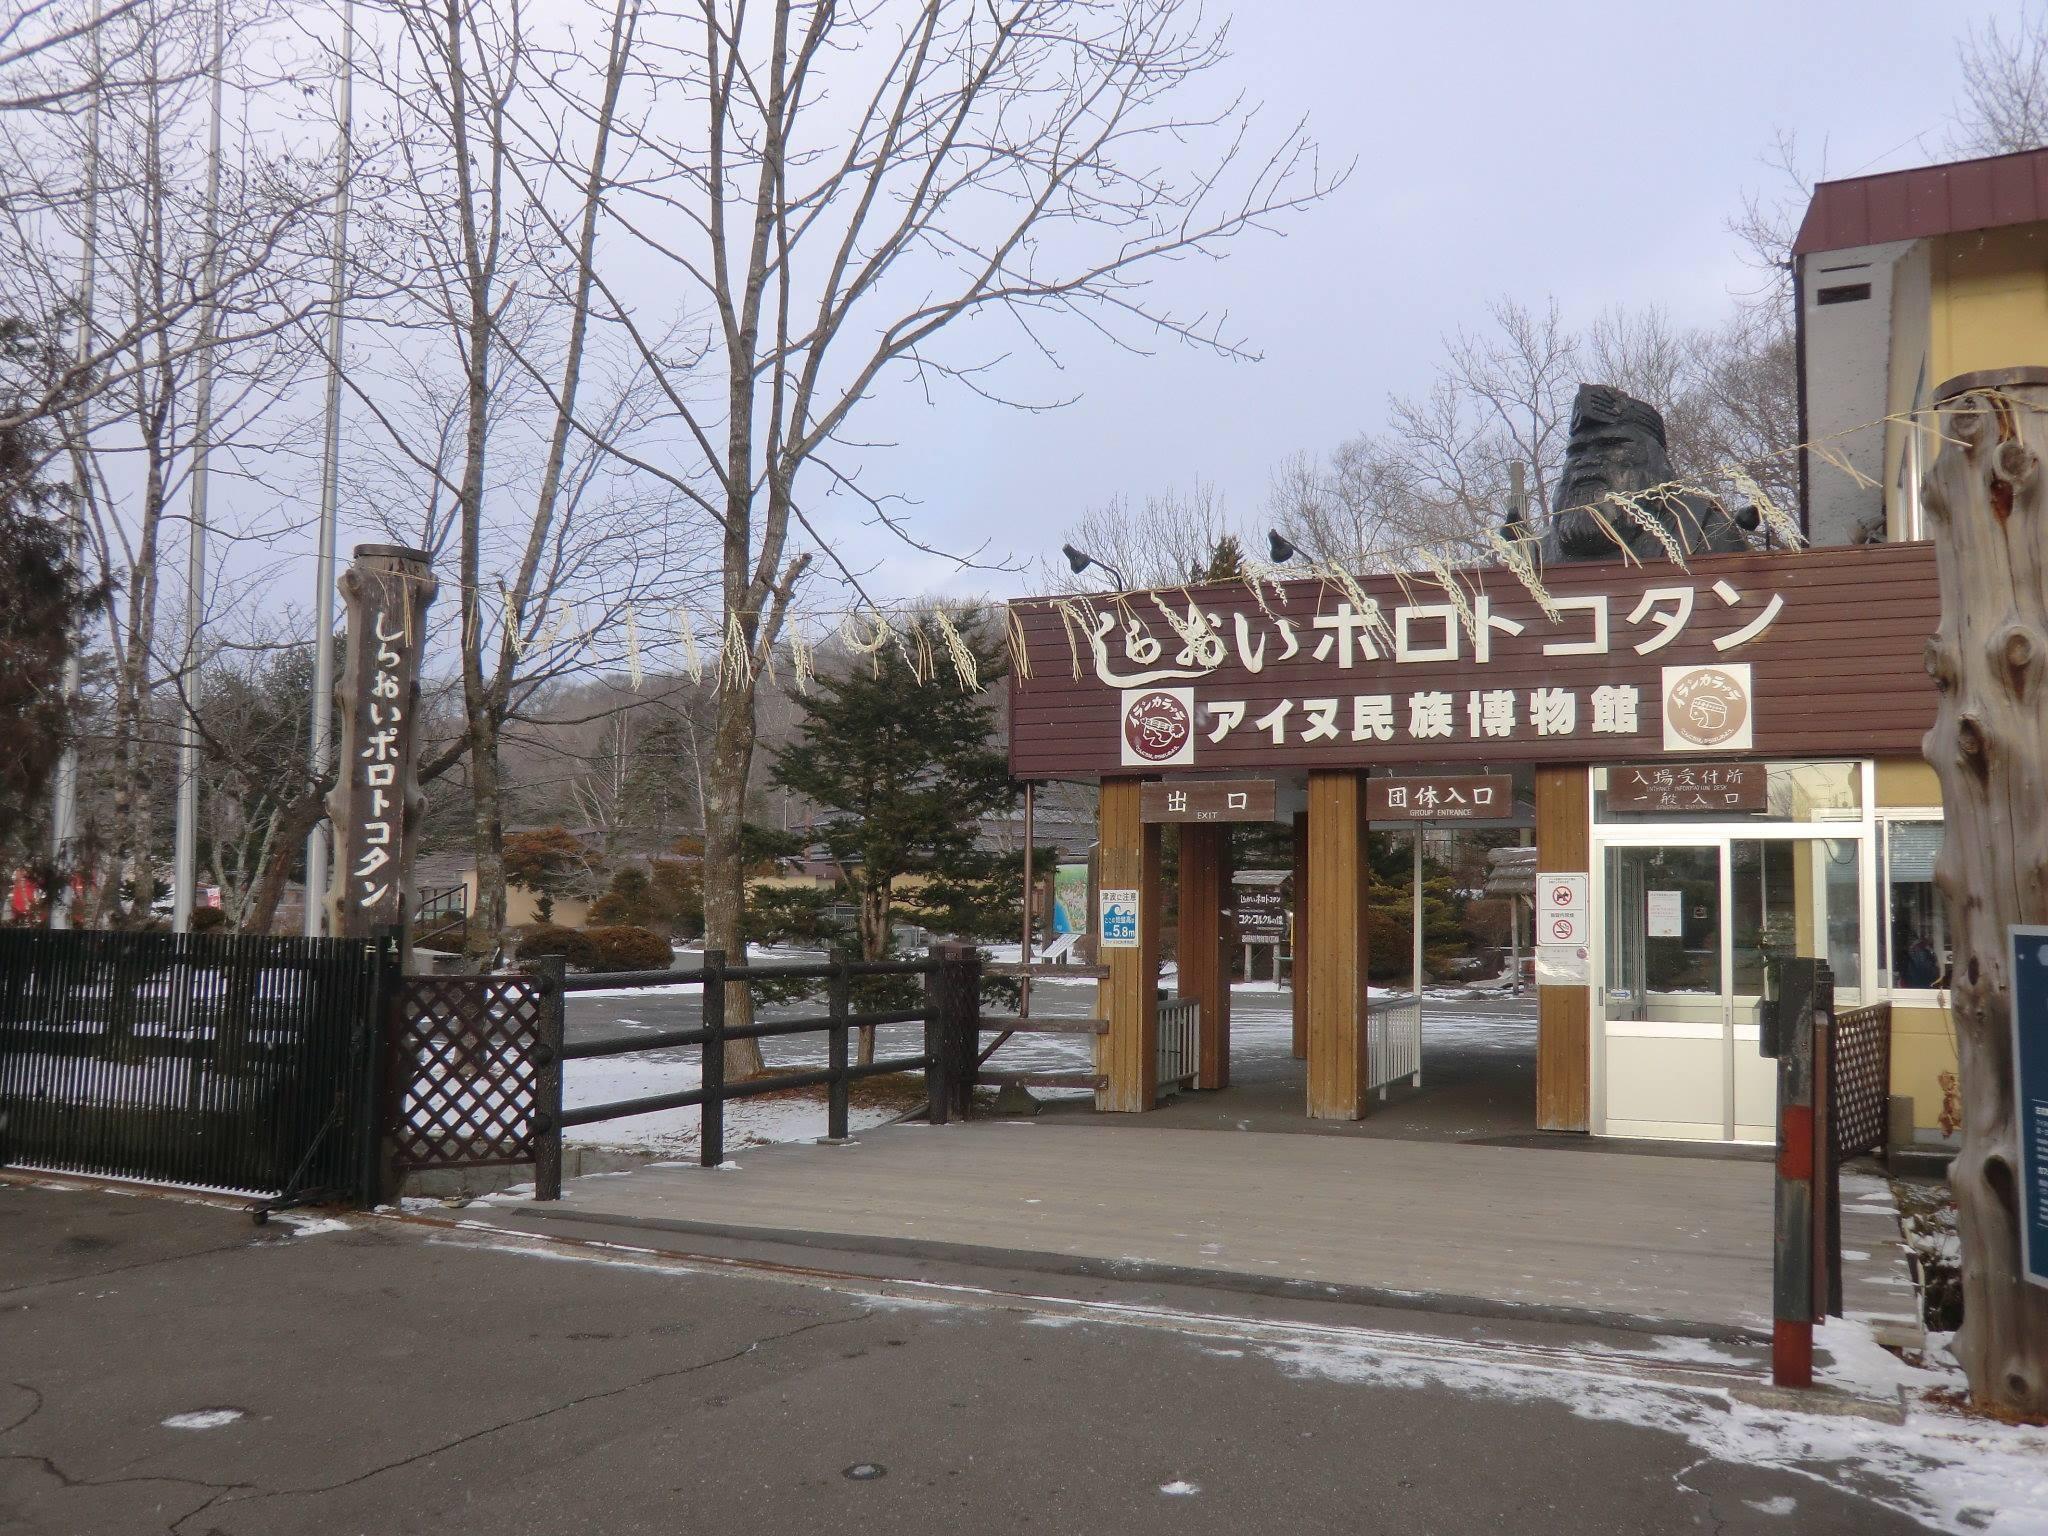 こんな場所知らなかった!北海道・白老の観光&グルメスポット5選!